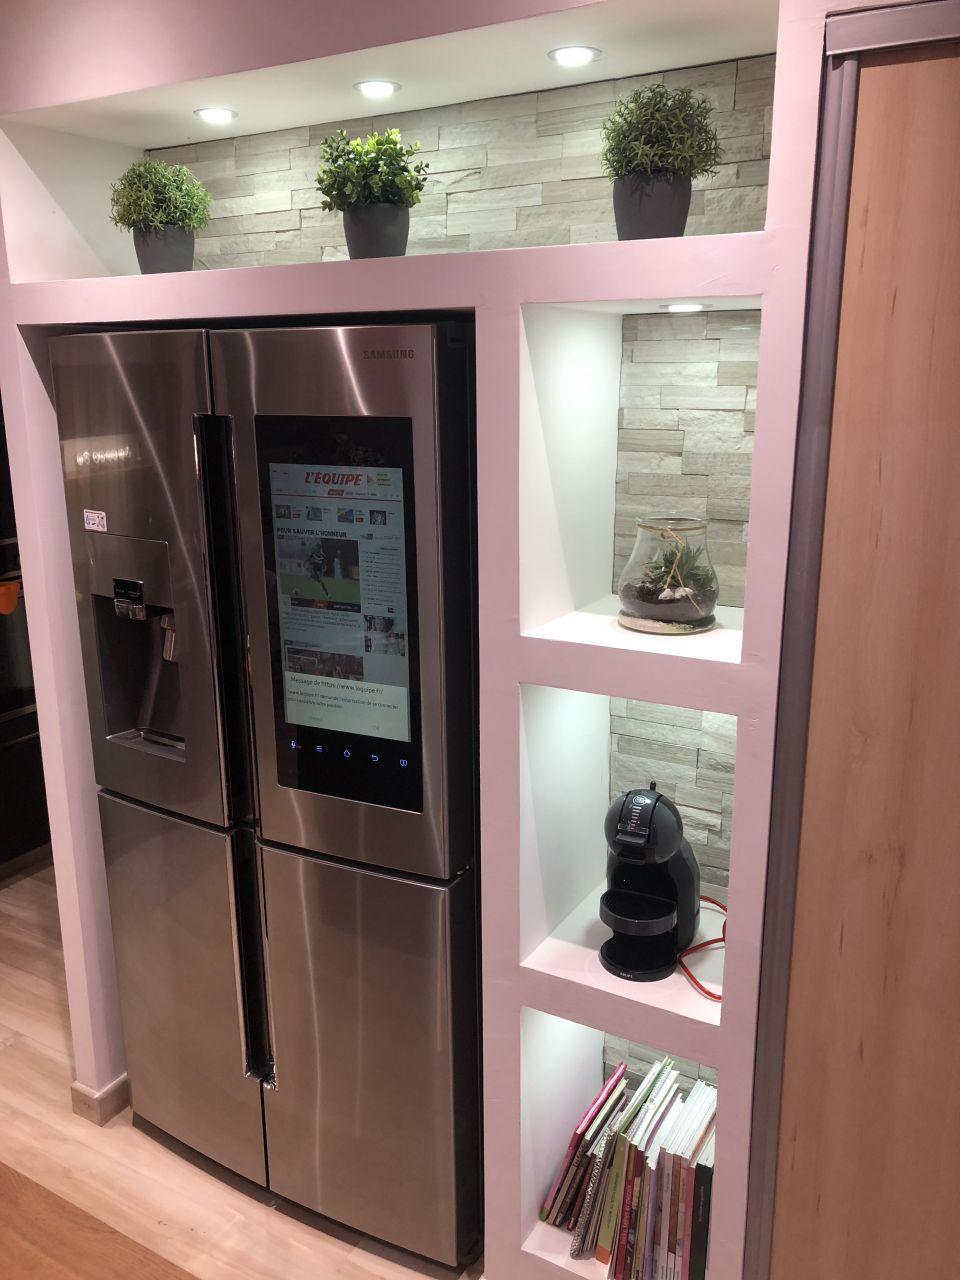 Mon réfrigérateur d'amour